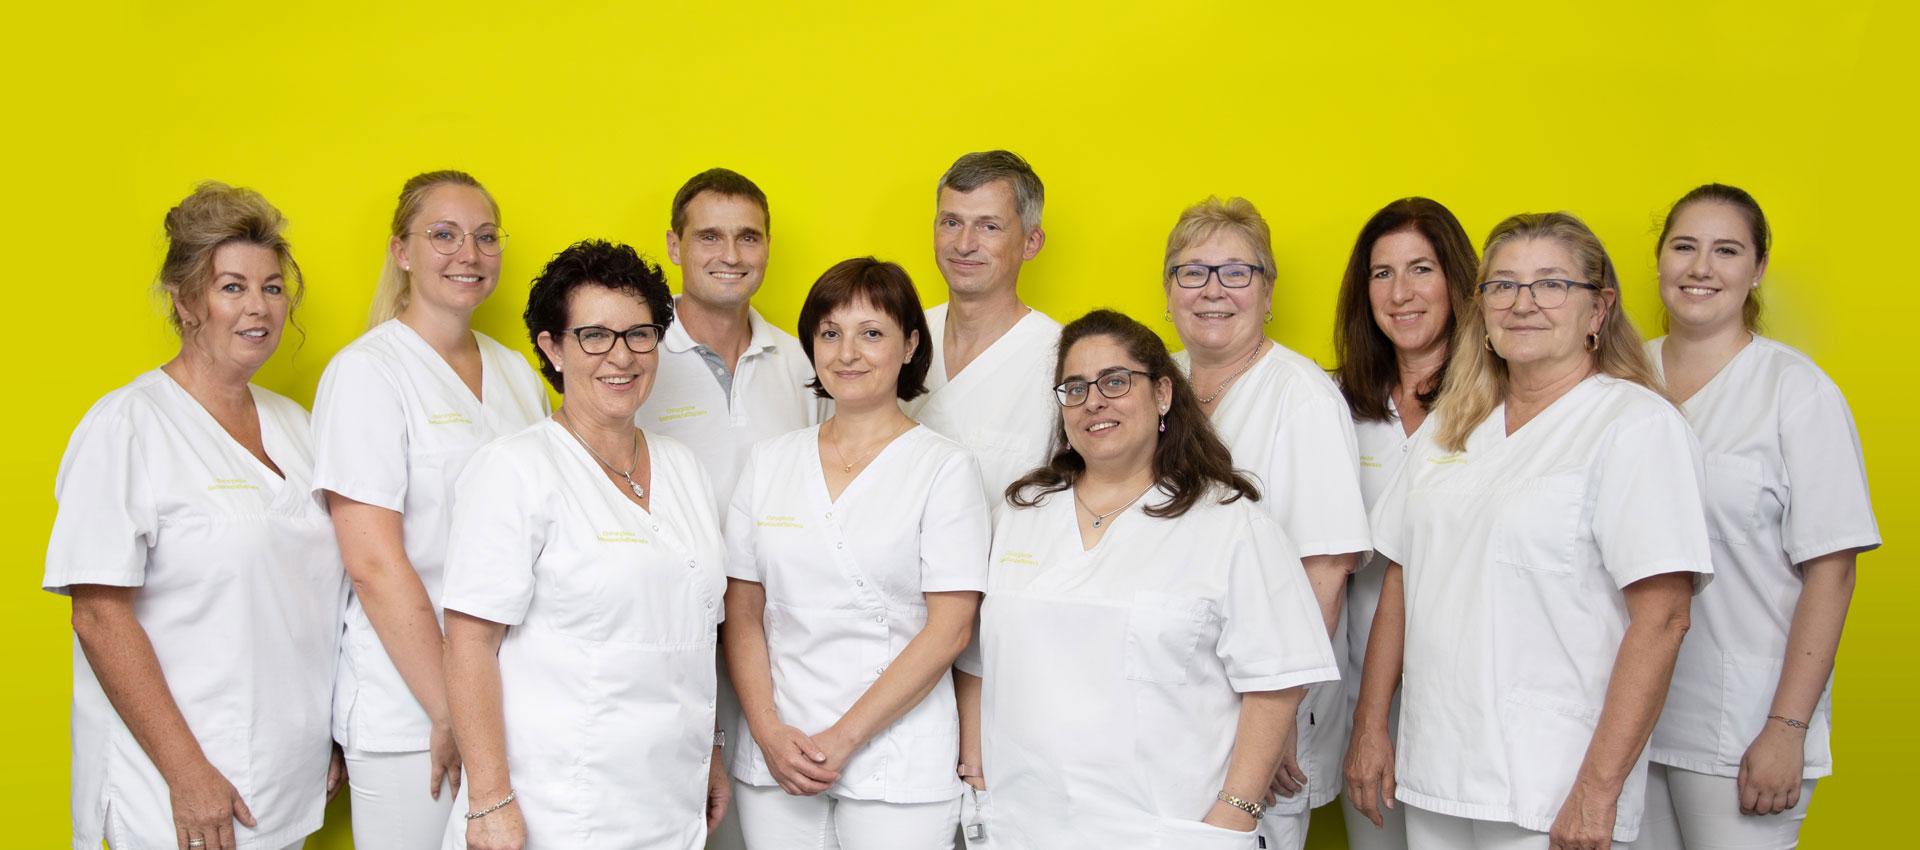 Praxisteam der Chirurgie Germering